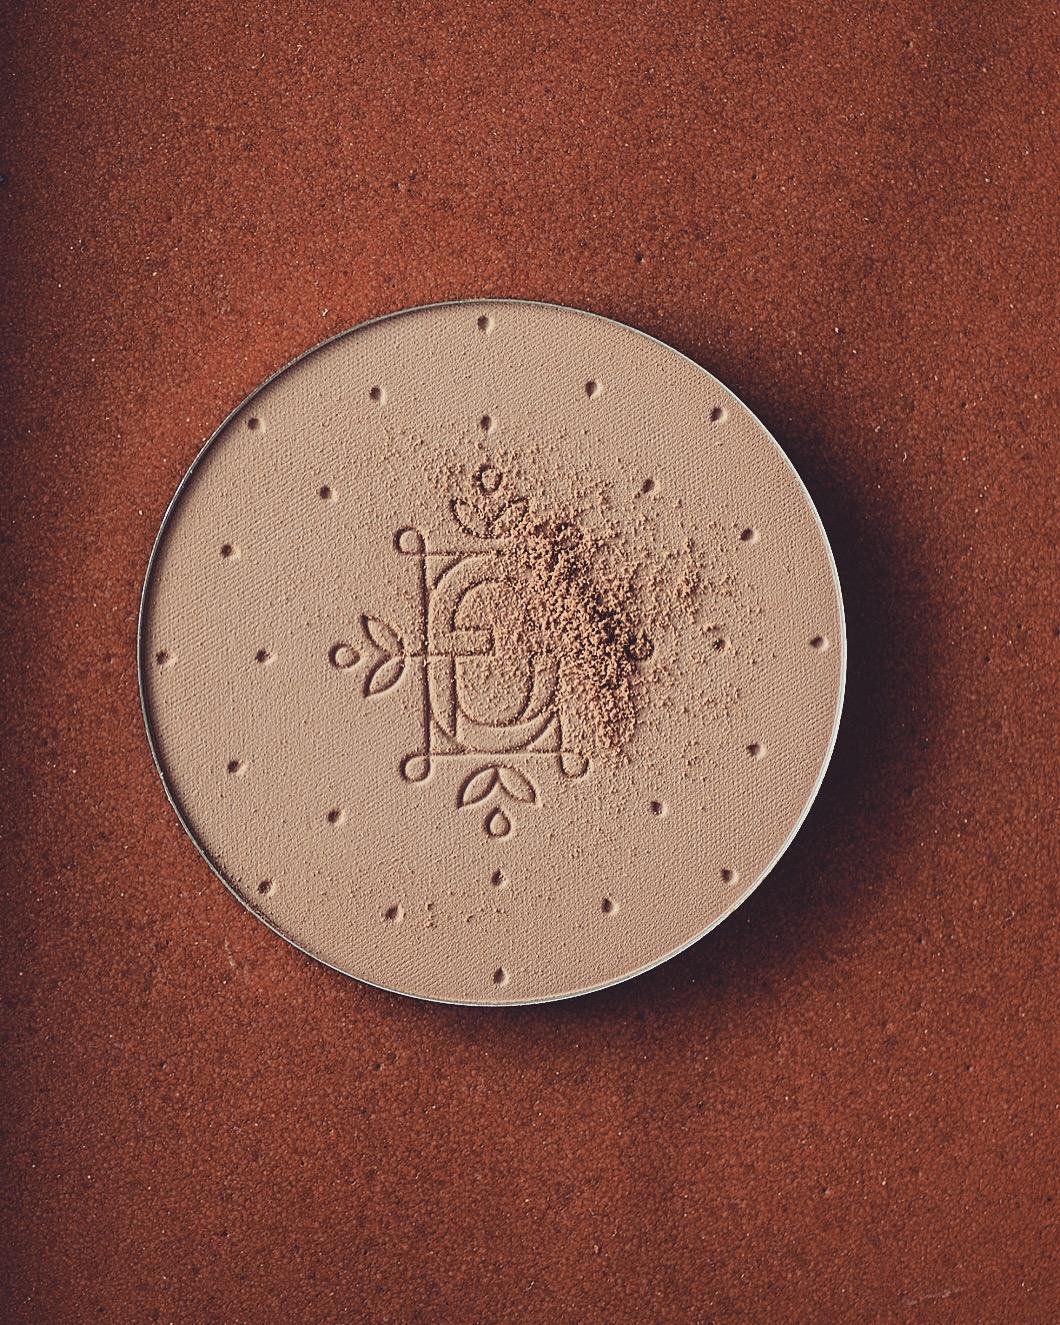 feerie celeste bewitched bronze bronzing and contouring powder puder brązujący kolory brązerów pixie cosmetics brązer naturalny brązer jak wygląda na skórze brązer nie zapycha porów 100 taupe whisper brązer dla bladej skóry